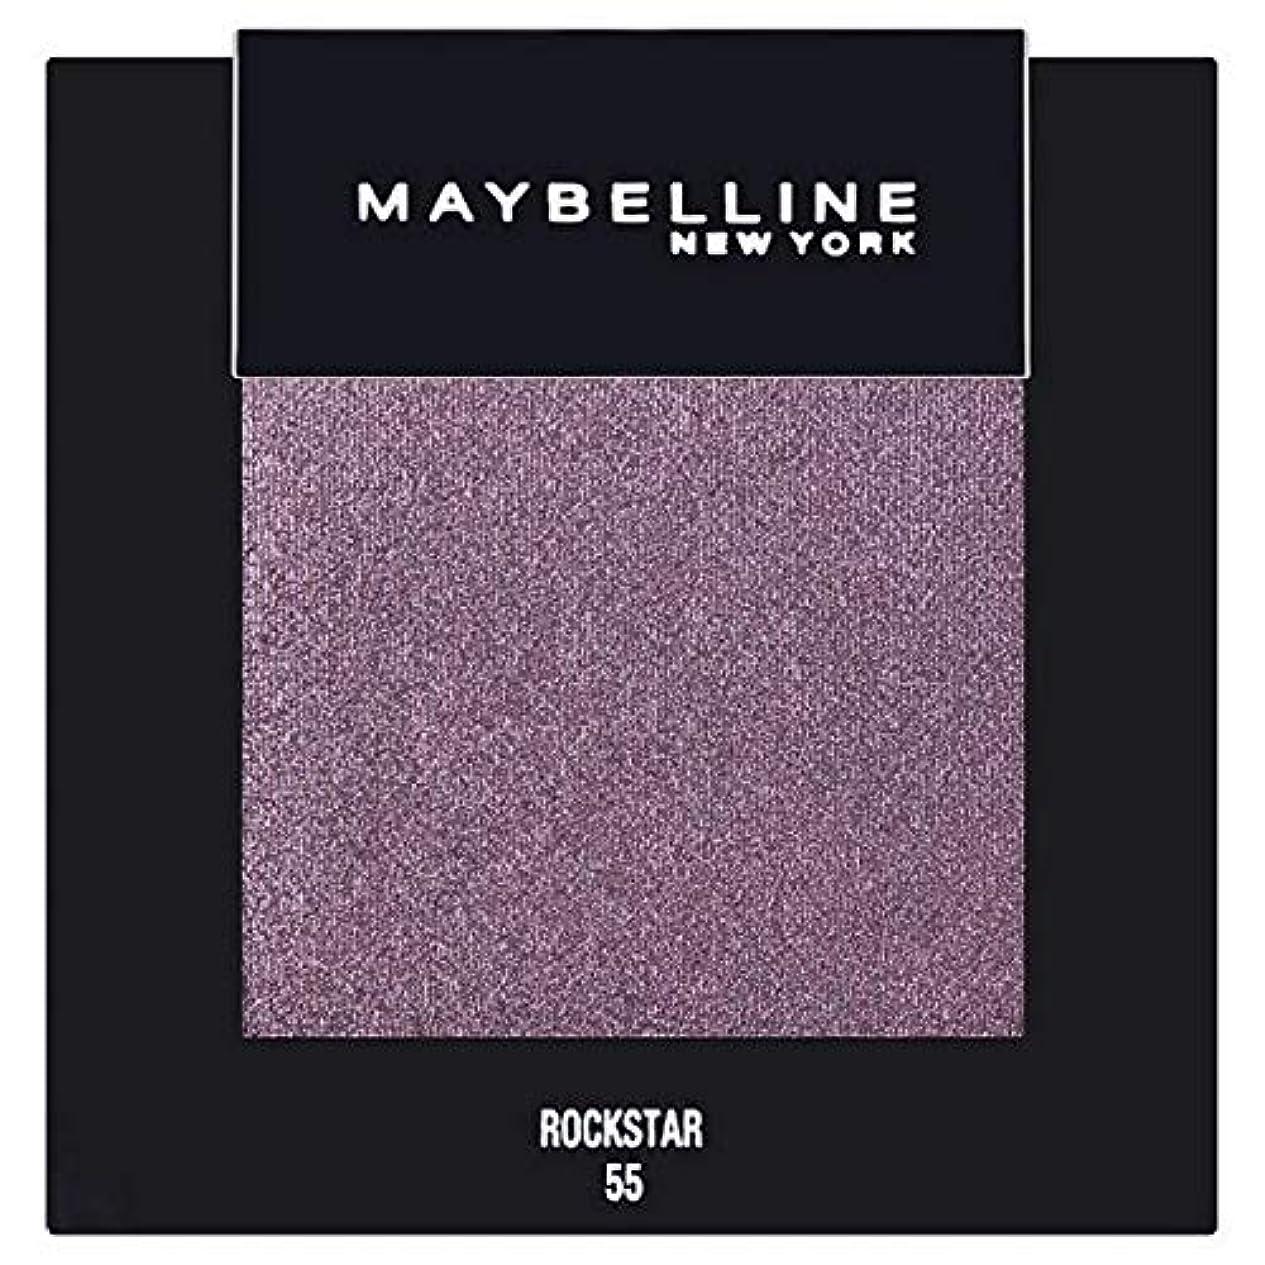 飛躍ハイブリッド公園[Maybelline ] メイベリンカラーショーシングルアイシャドウ55ロックスター - Maybelline Color Show Single Eyeshadow 55 Rockstar [並行輸入品]